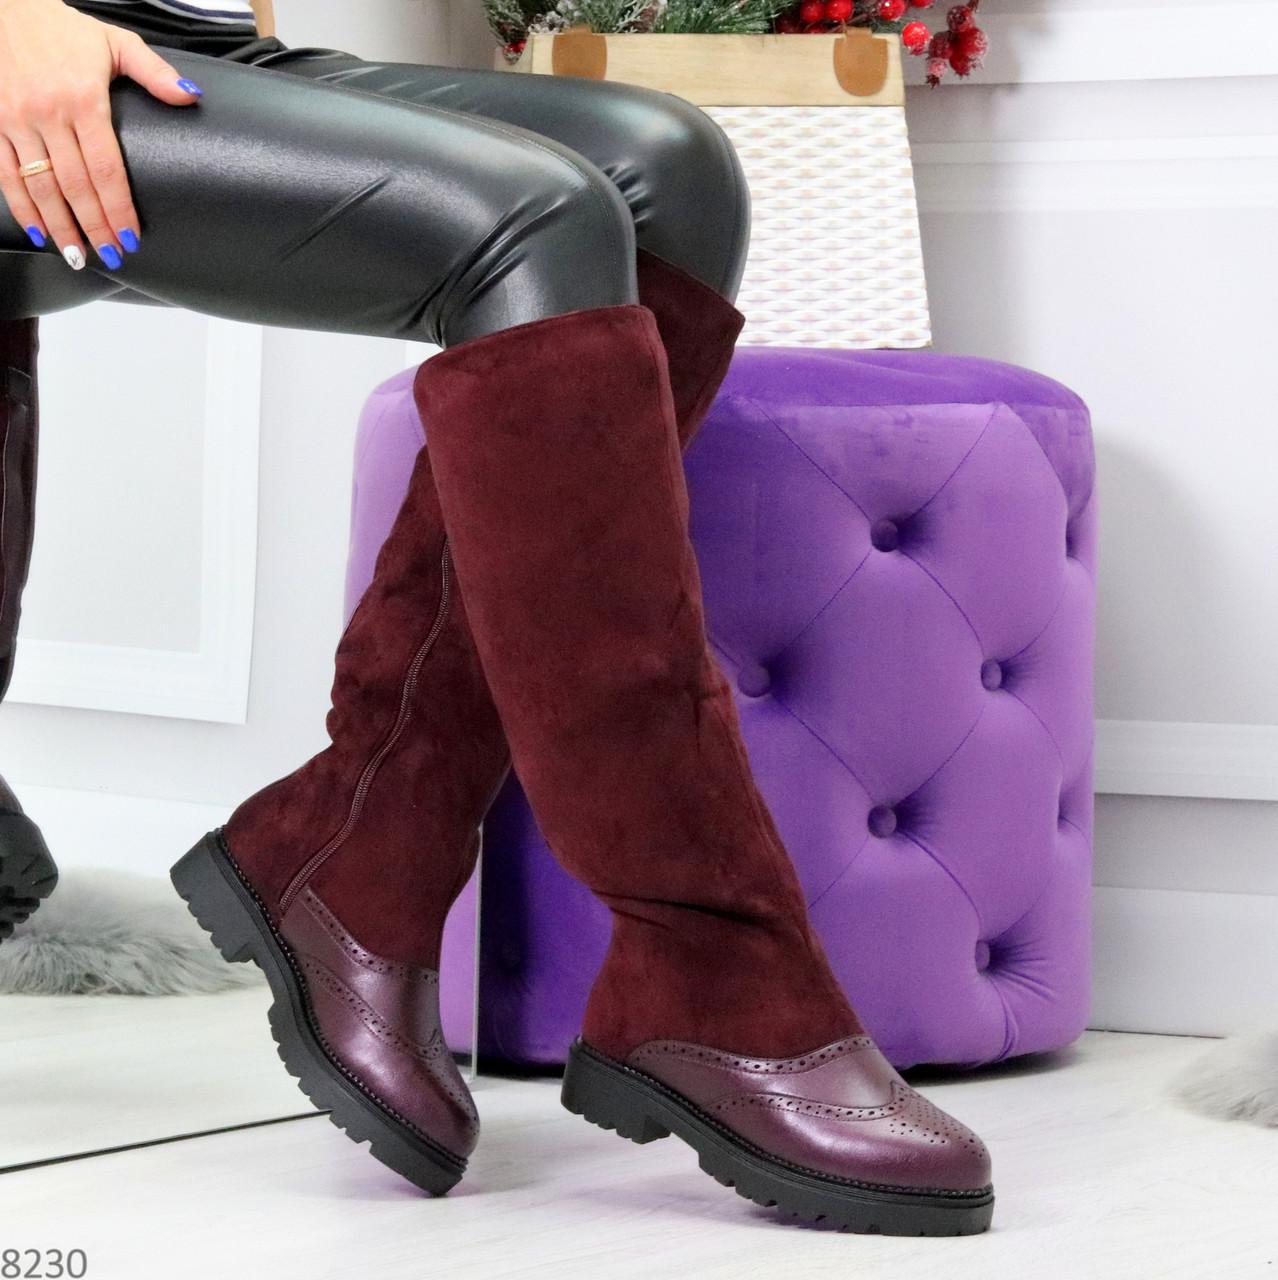 Удобные бордовые замшевые высокие зимние женские сапоги ботфорты 36-23,5 см